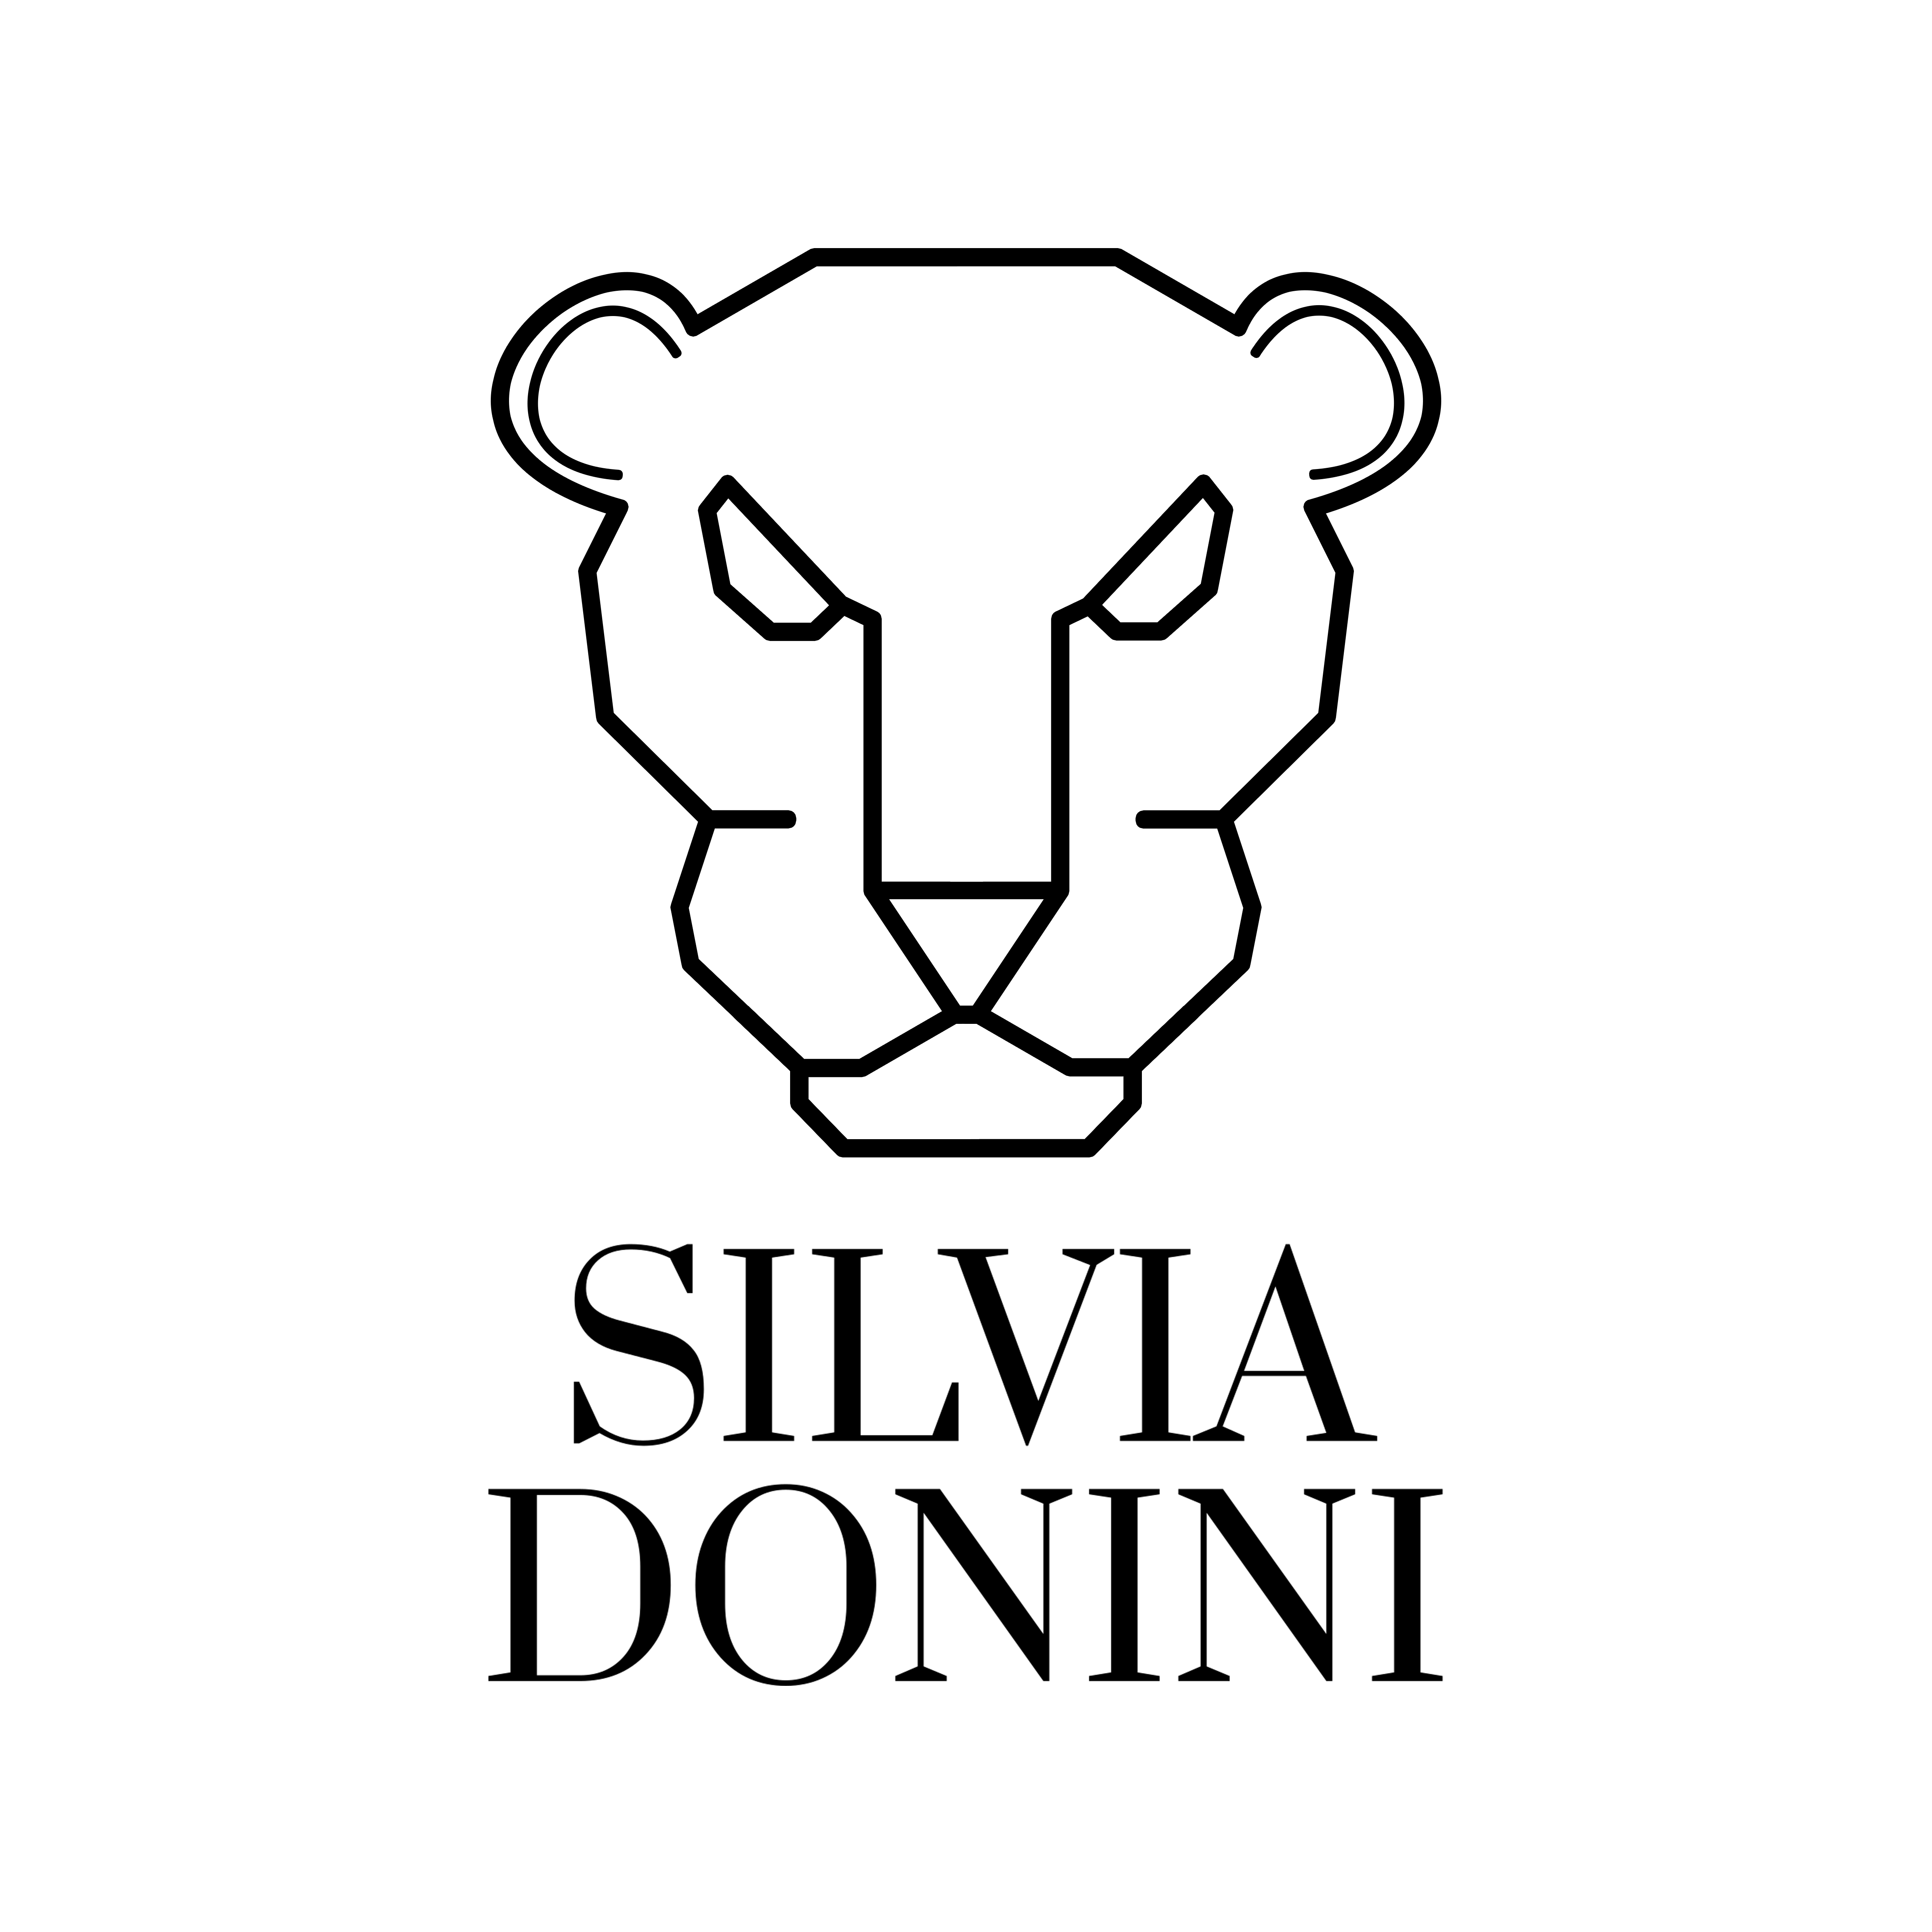 Silvia Donini